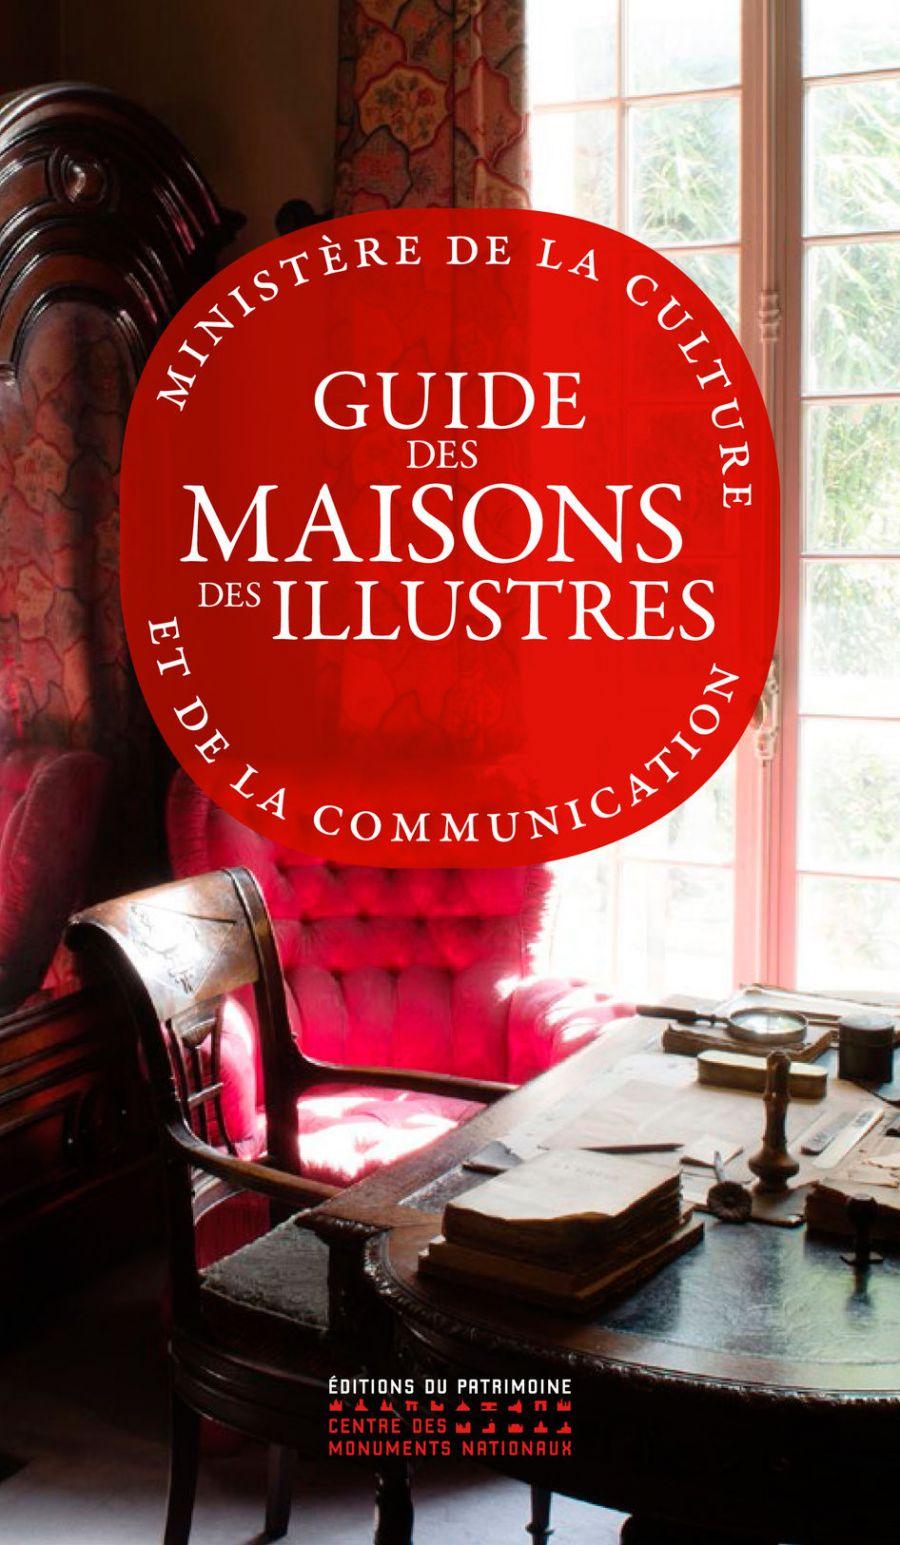 Guide des maisons illustres - Ed. du Patrimoine